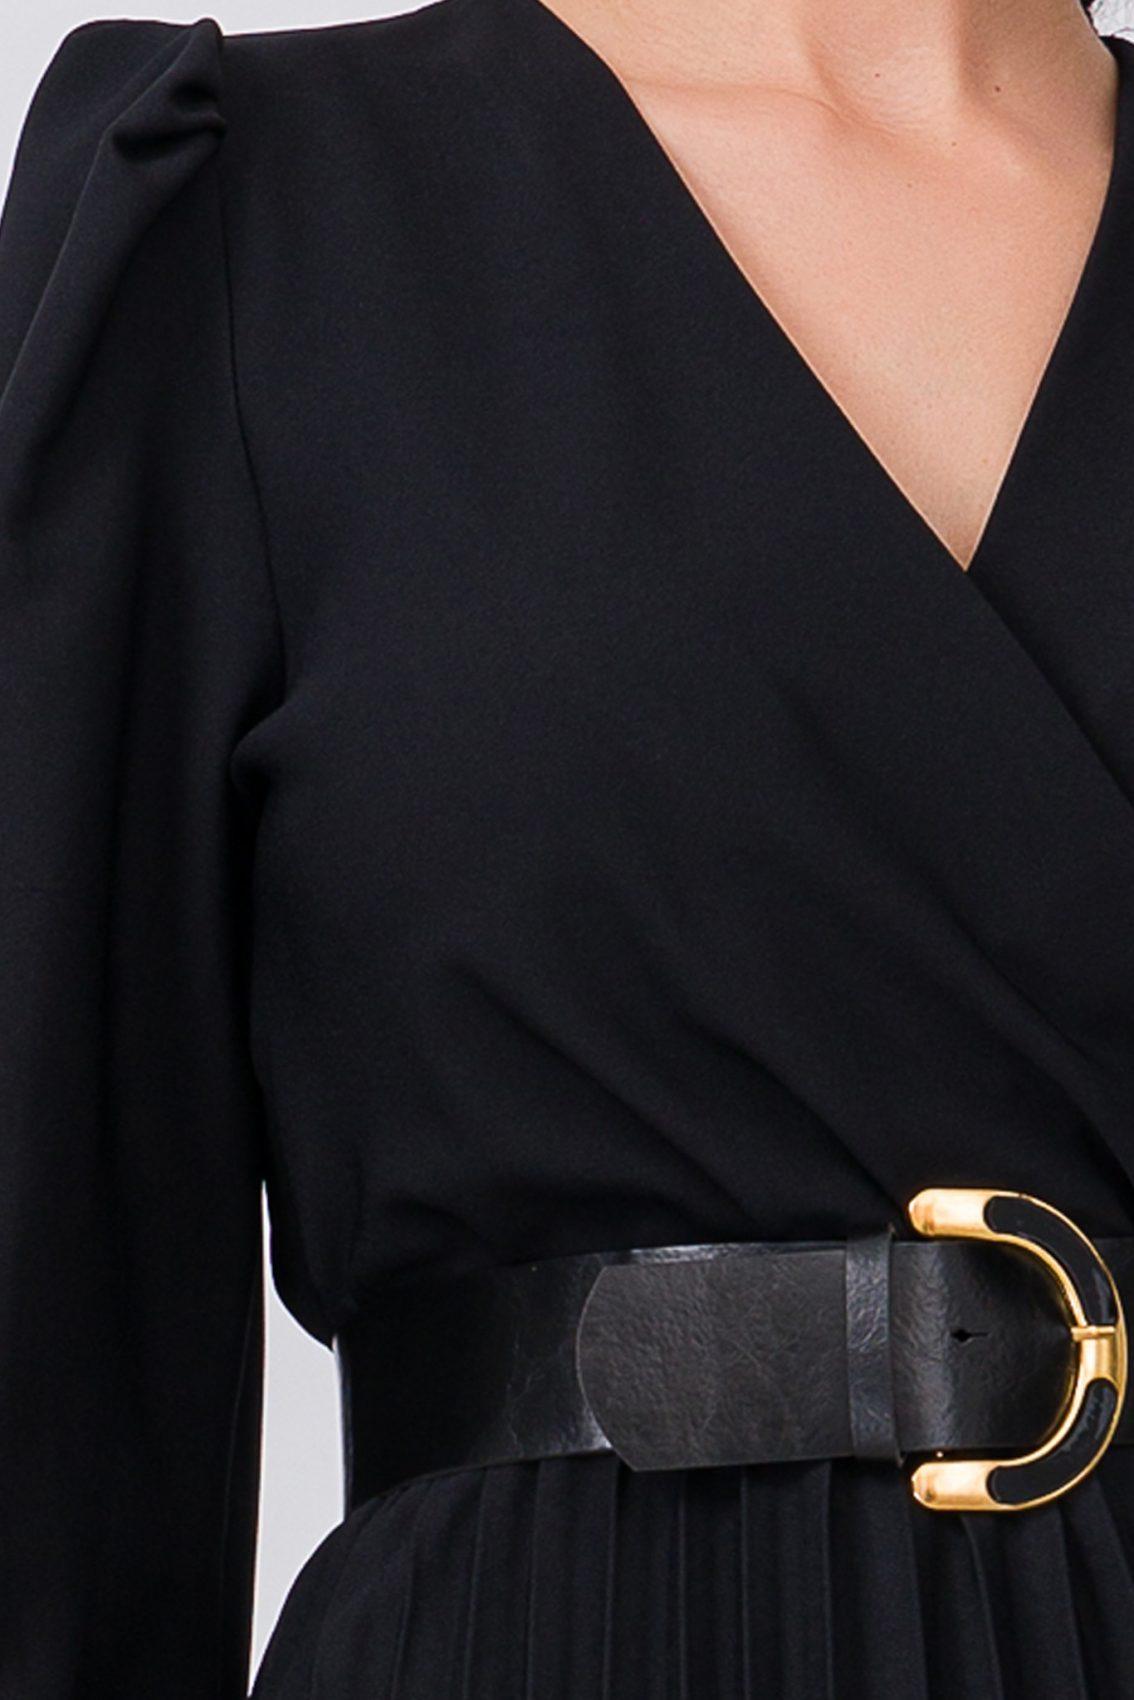 Μαύρο Μίντι Κρουαζέ Φόρεμα Janine 9735 3